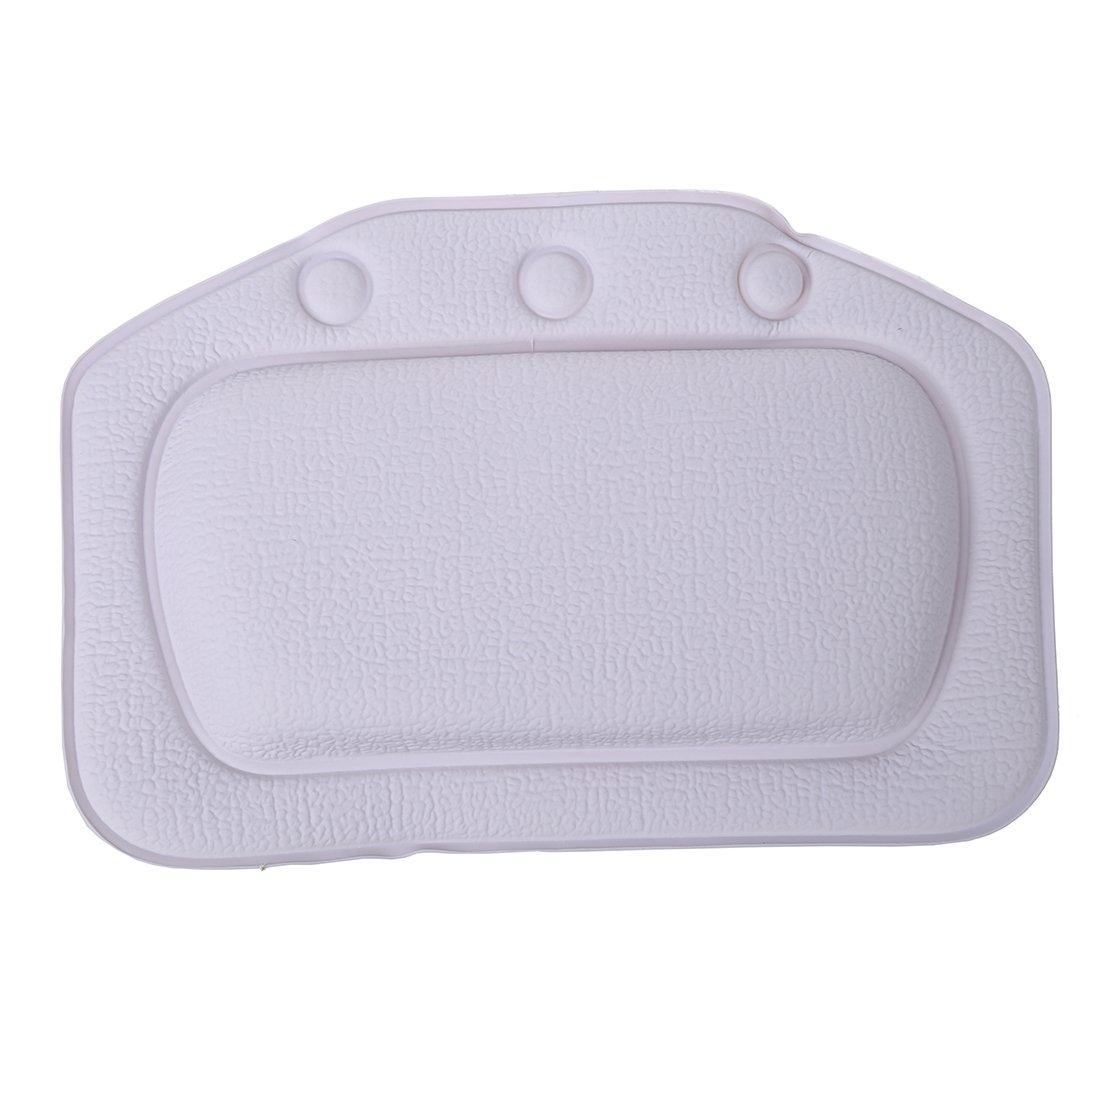 bathtub pillow - TOOGOO(R) Home & Garden Bathroom bathtub pillow bath bathtub headrest suction cup waterproof Bath Pillows Bathroom Products White 097174A5